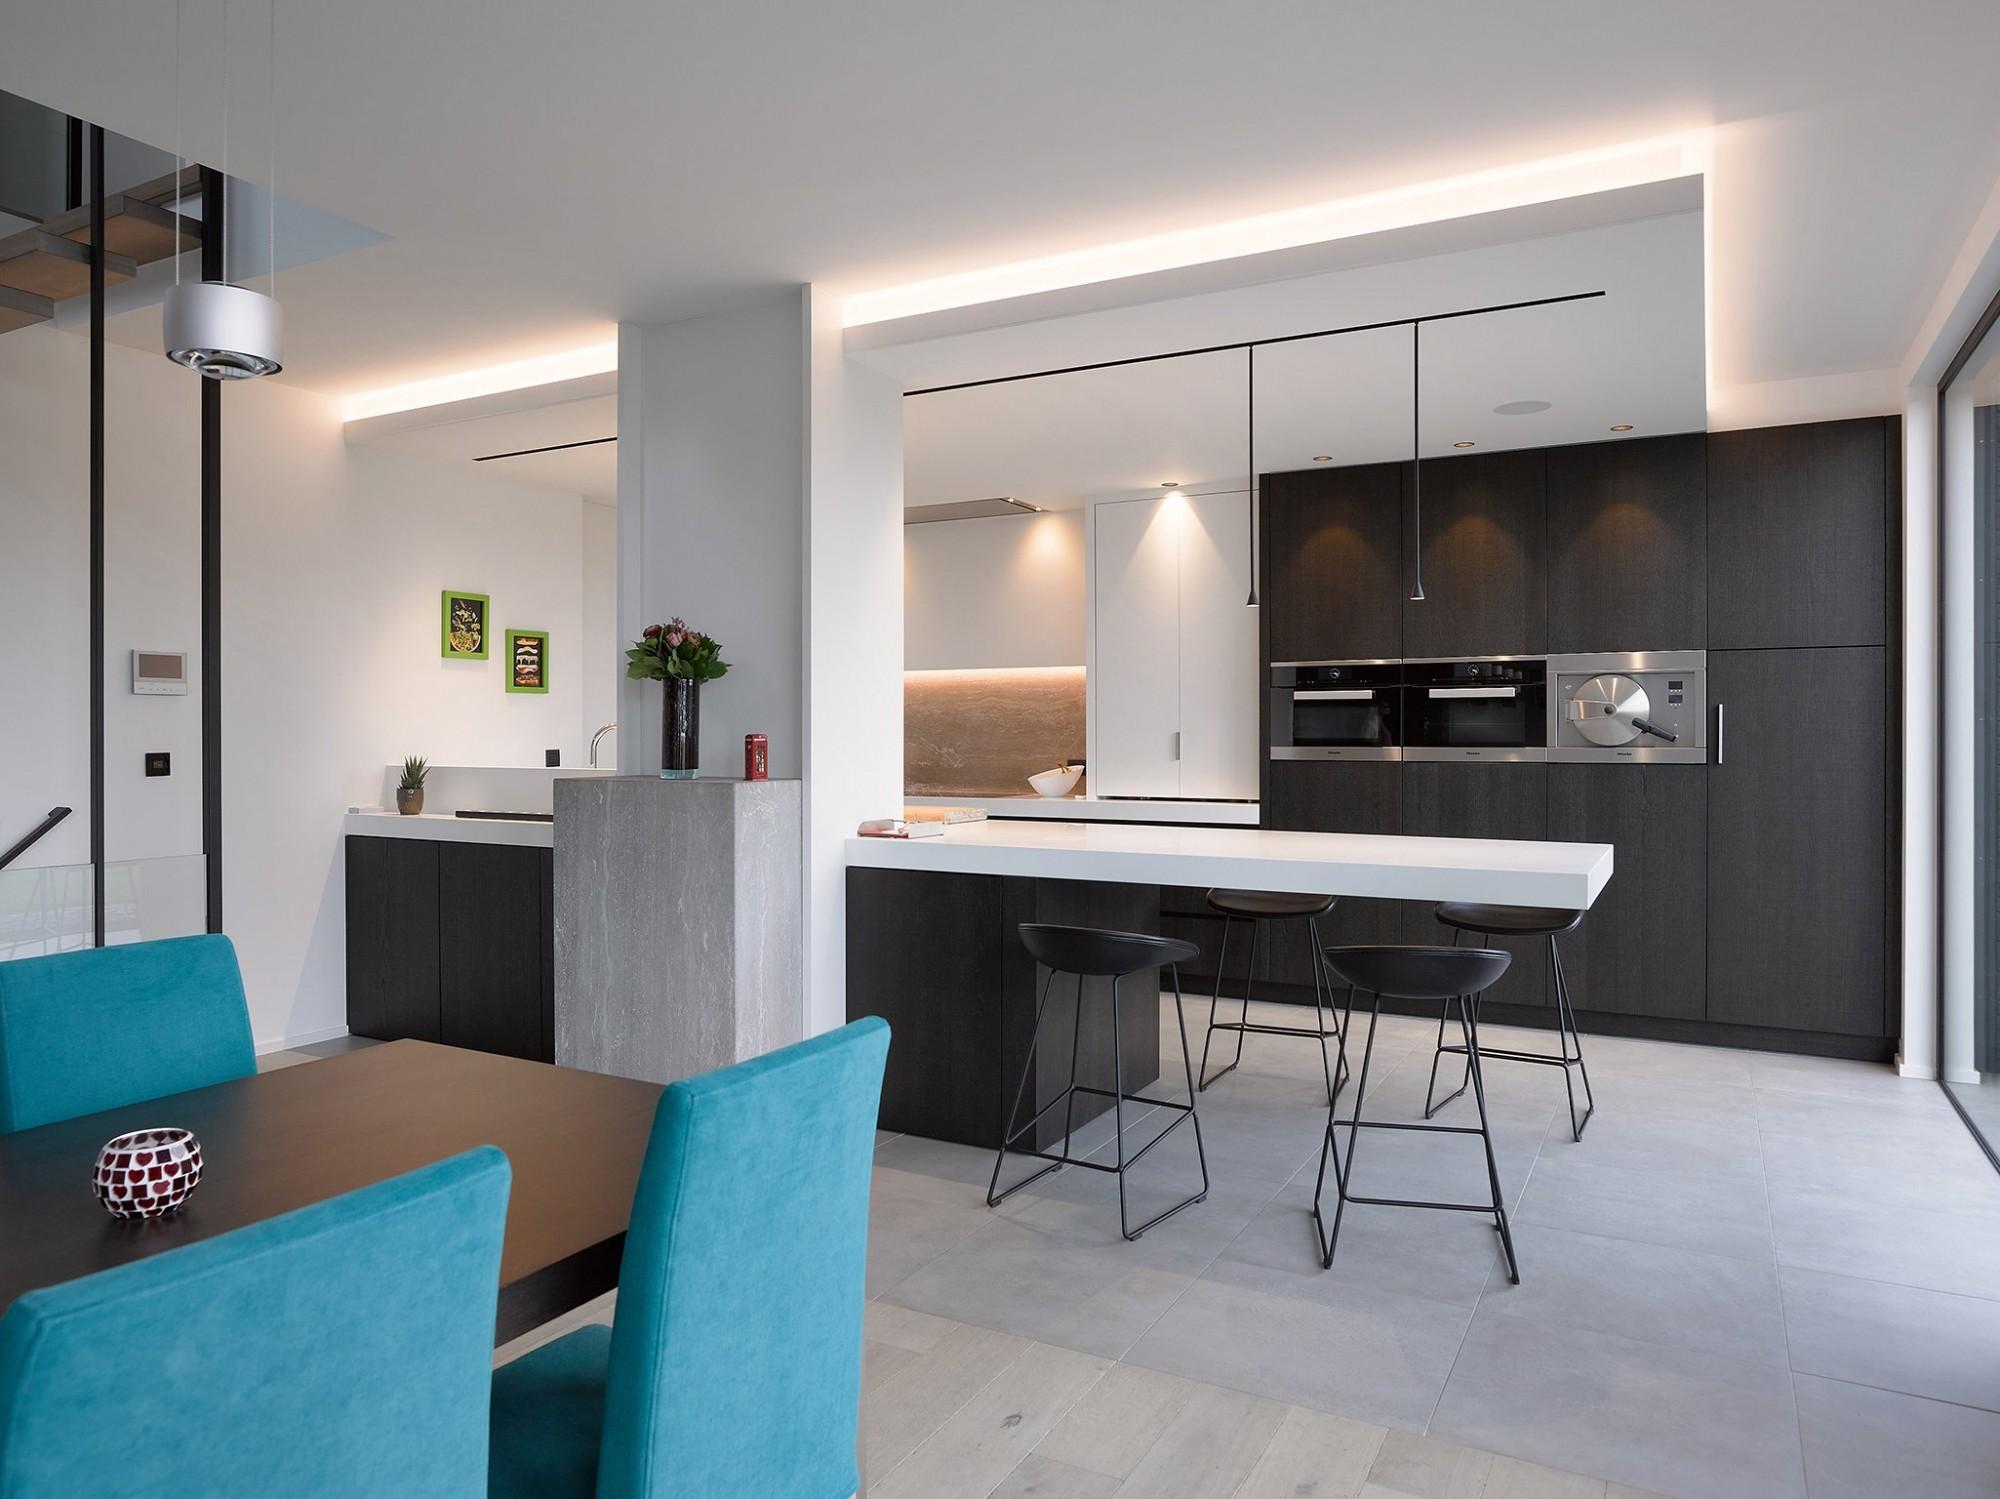 Afbeelding: Keuken interieur voor © totaal projecten Vergalle, fotografie foto Van Huffel